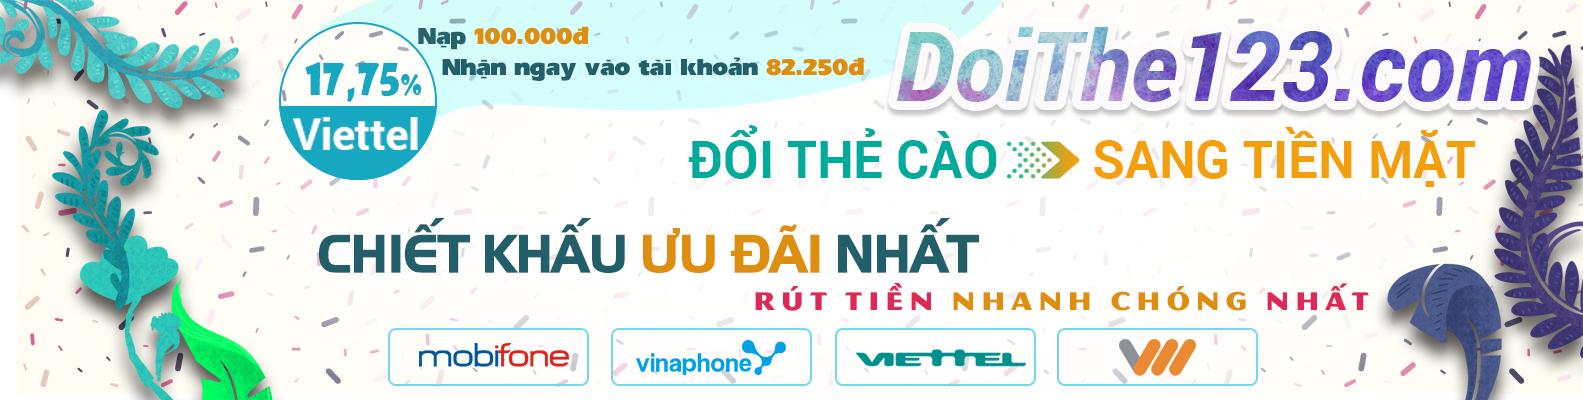 Đổi thẻ cào Viettel sang tiền mặt ưu đãi tốt nhất